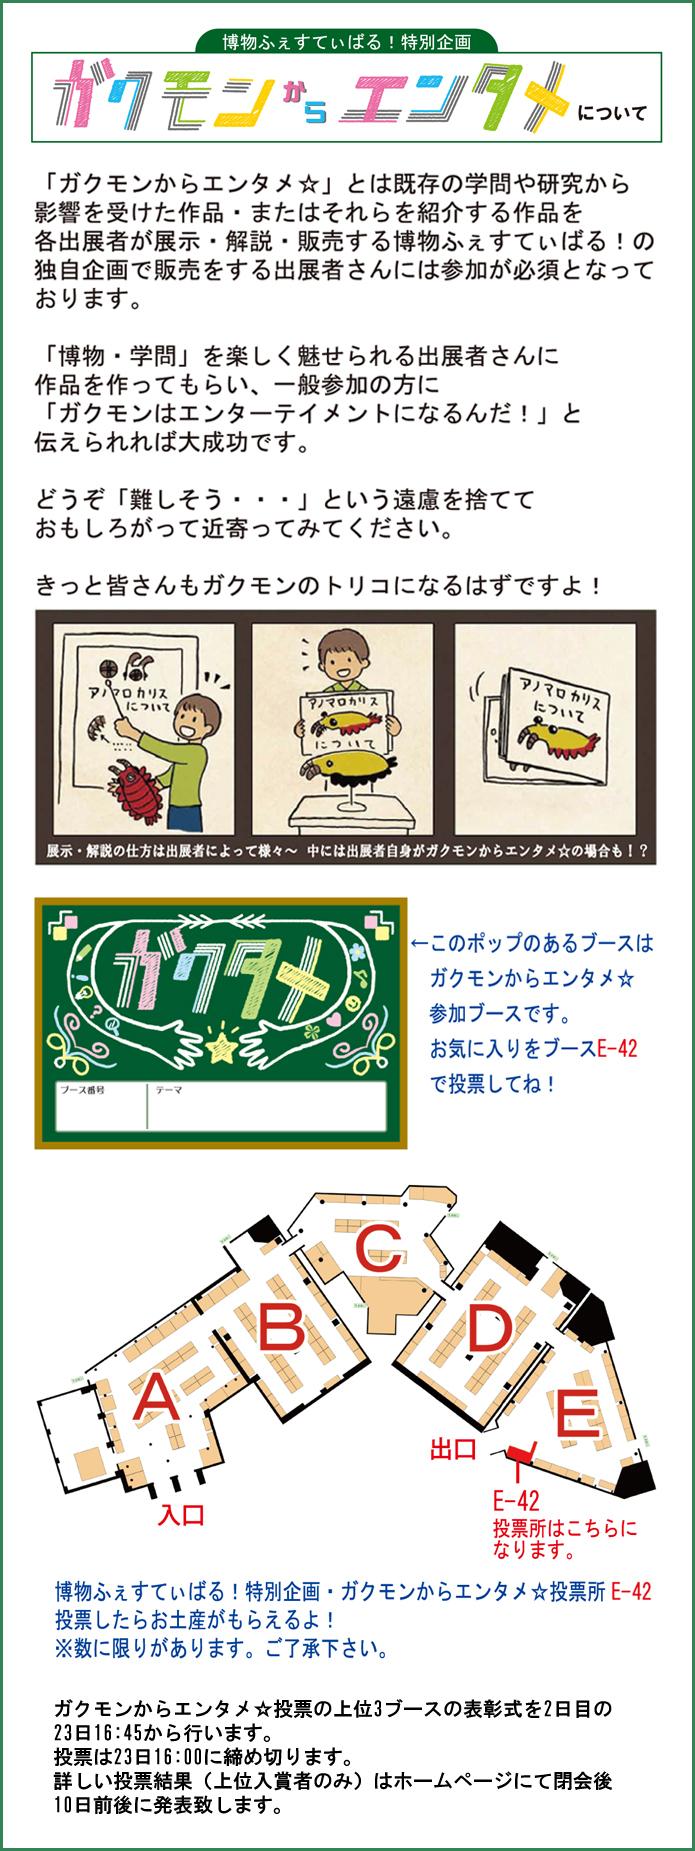 2017_ガクモンからエンタメ_003